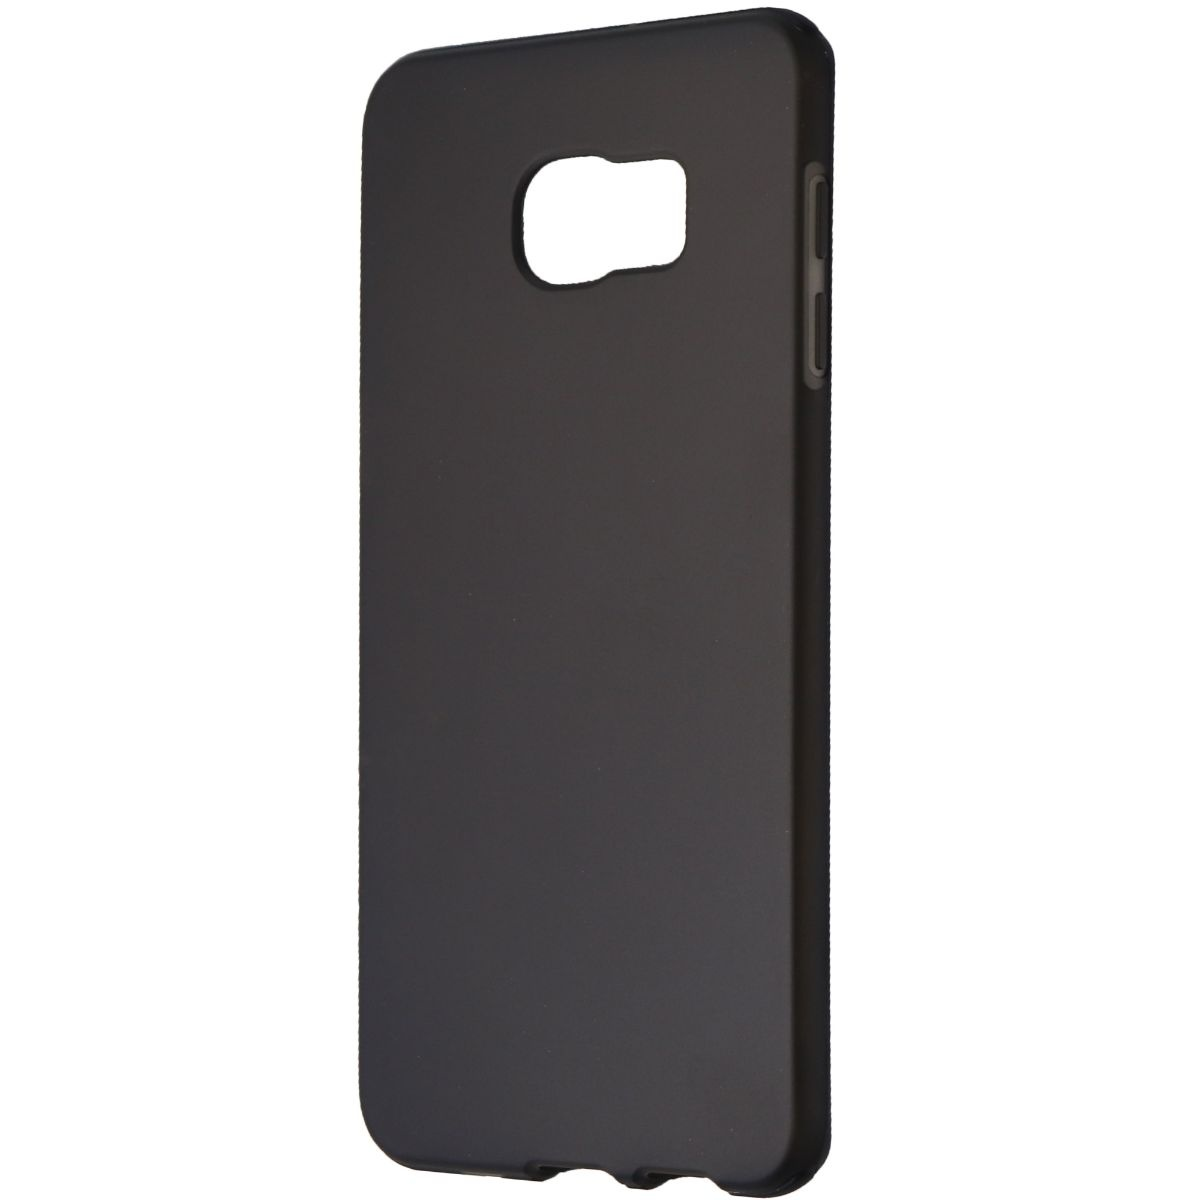 Verizon Silicone Cover Protective Case for Samsung Galaxy S6 Edge+ (Plus)- Black